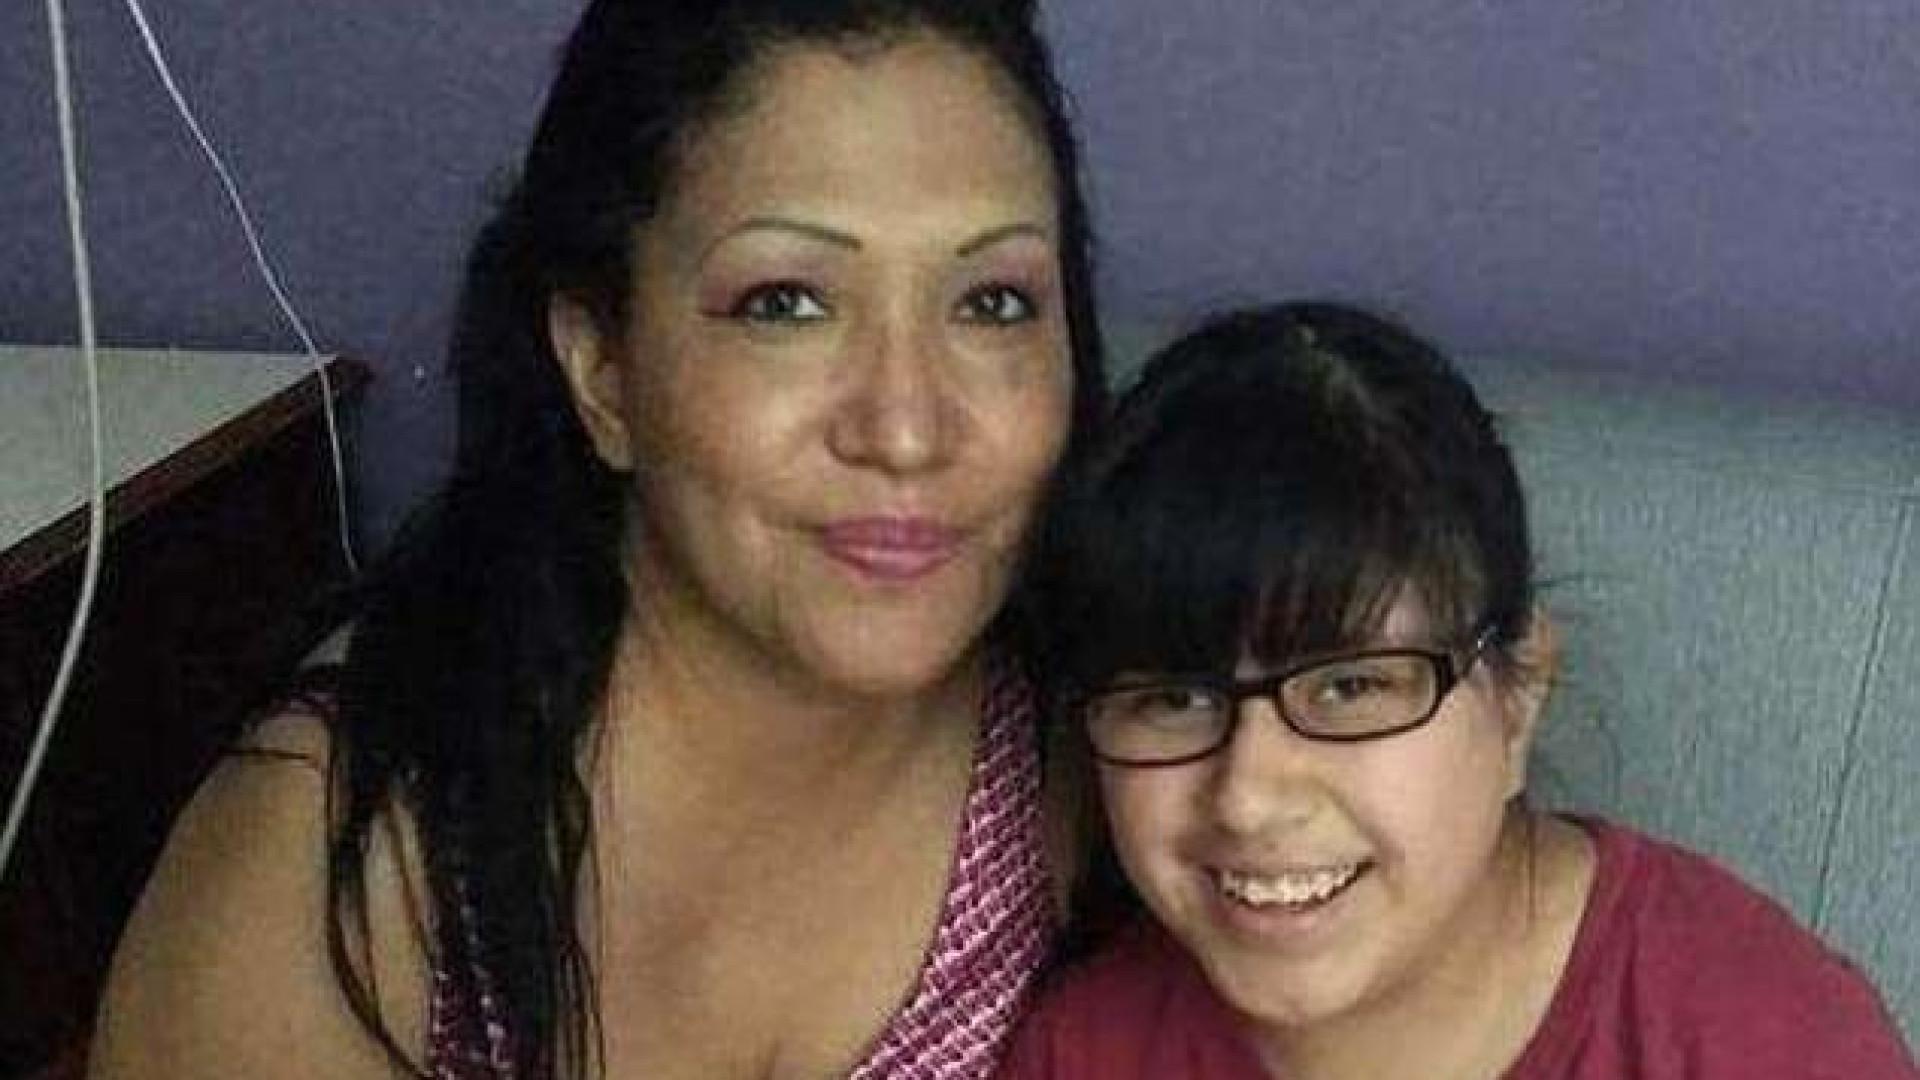 Traficantes de droga matam avó e neta de 13 anos em cemitério